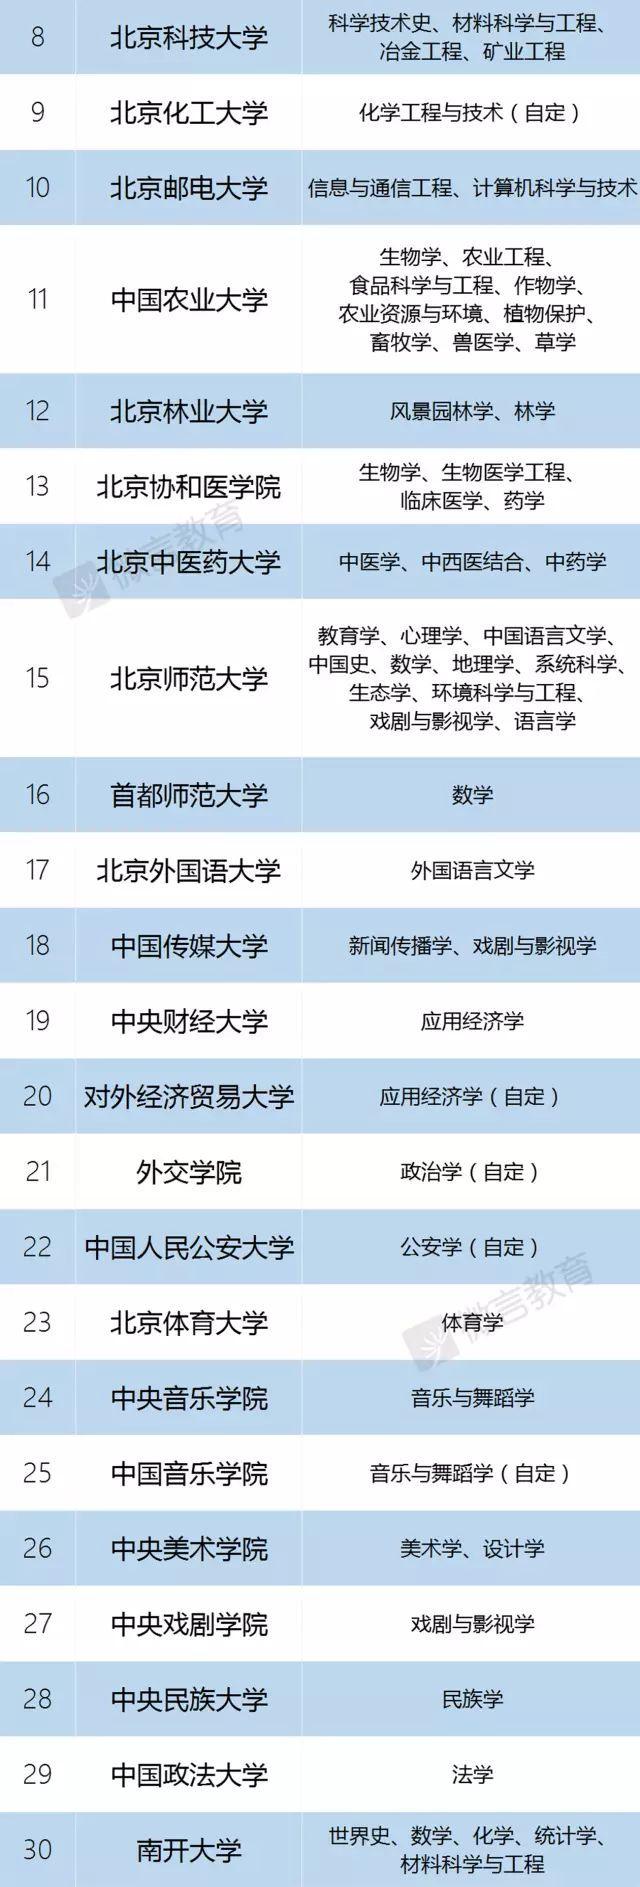 """中国""""双一流""""名单公布:一流大学建设高校42所,一流学科建设高校95所"""